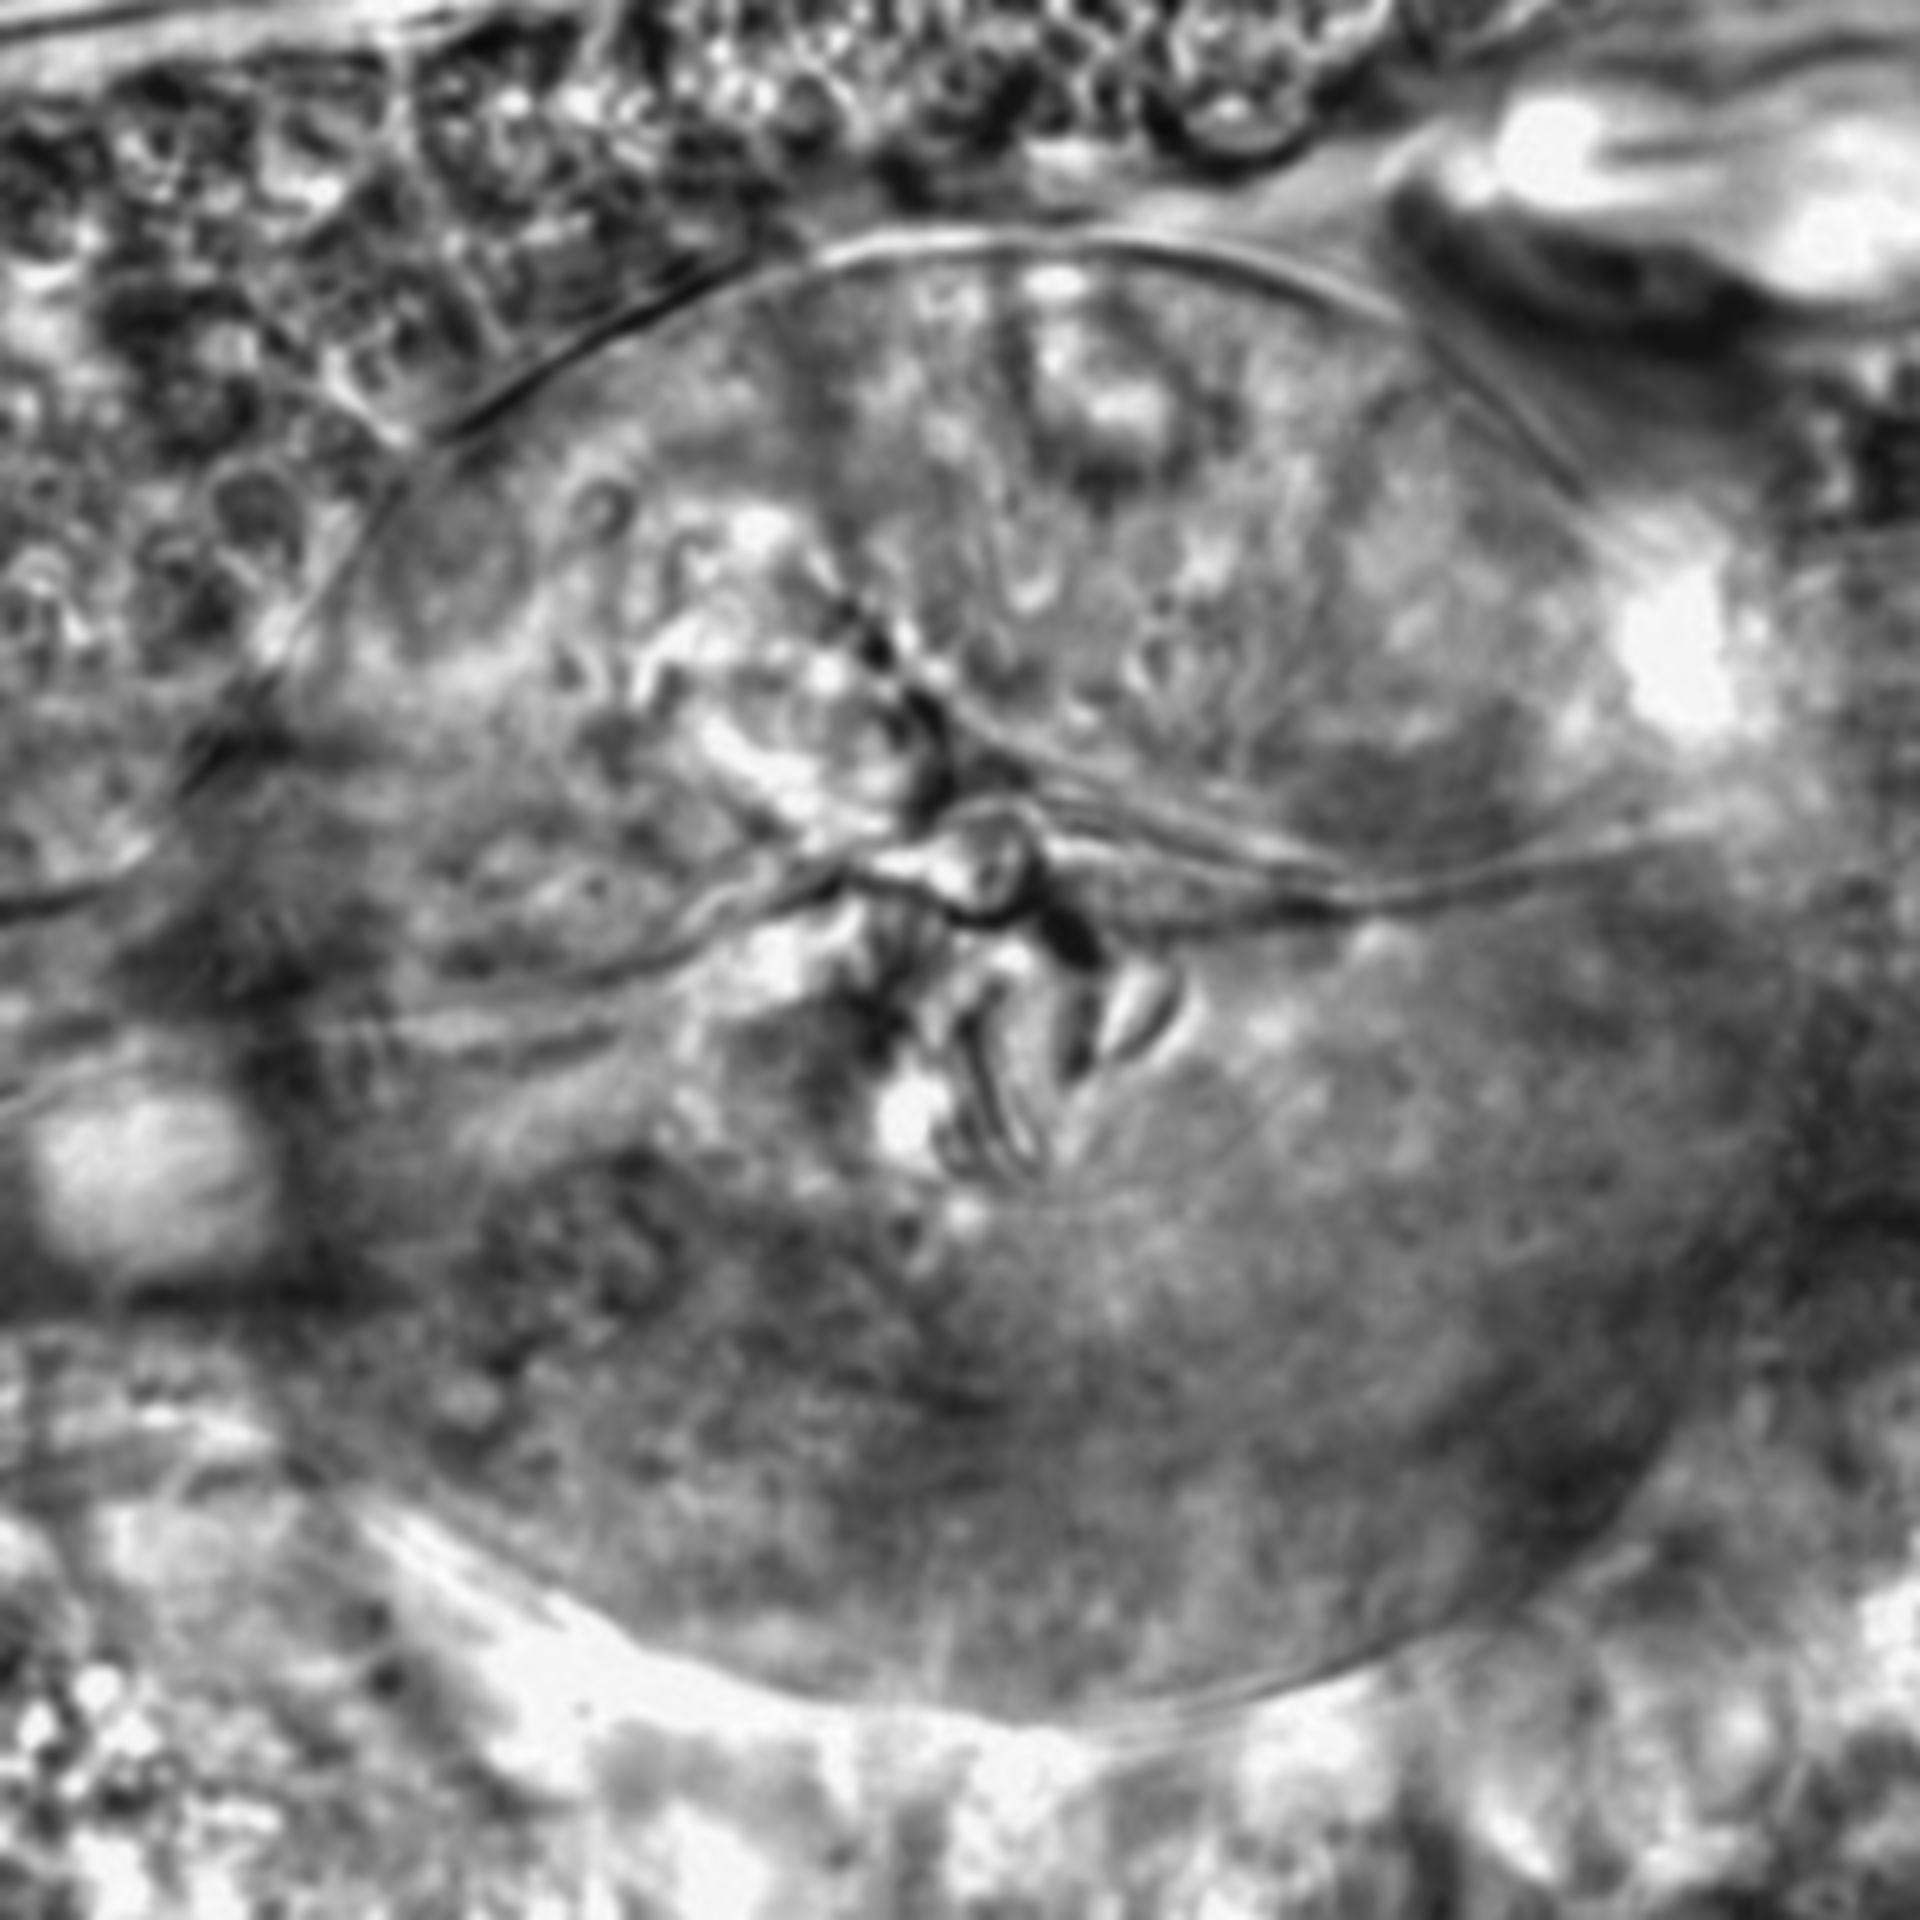 Caenorhabditis elegans - CIL:2727